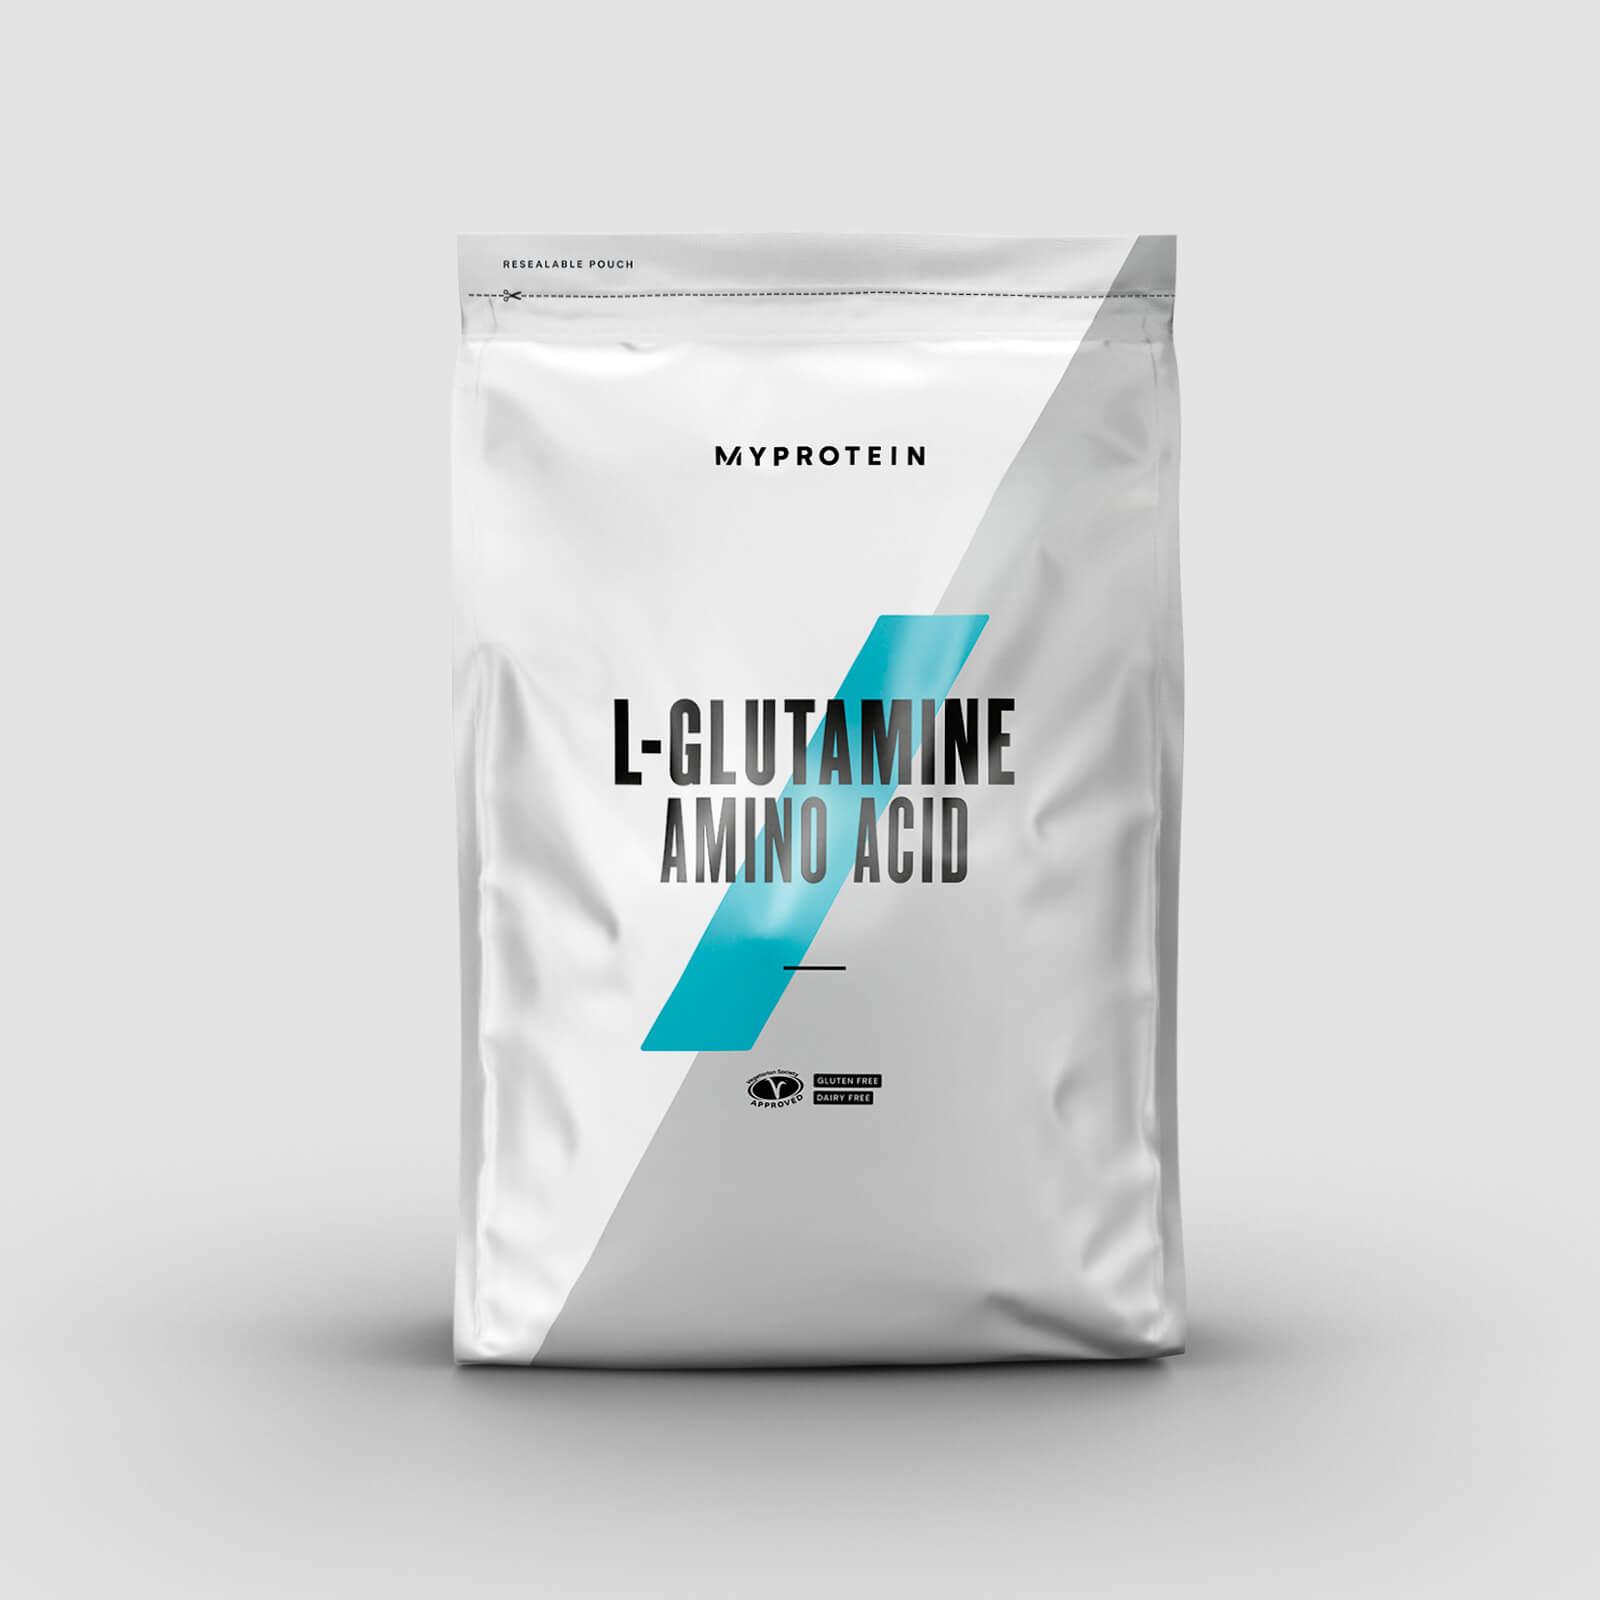 Myprotein L-Glutamine Powder - 500g - Tropical